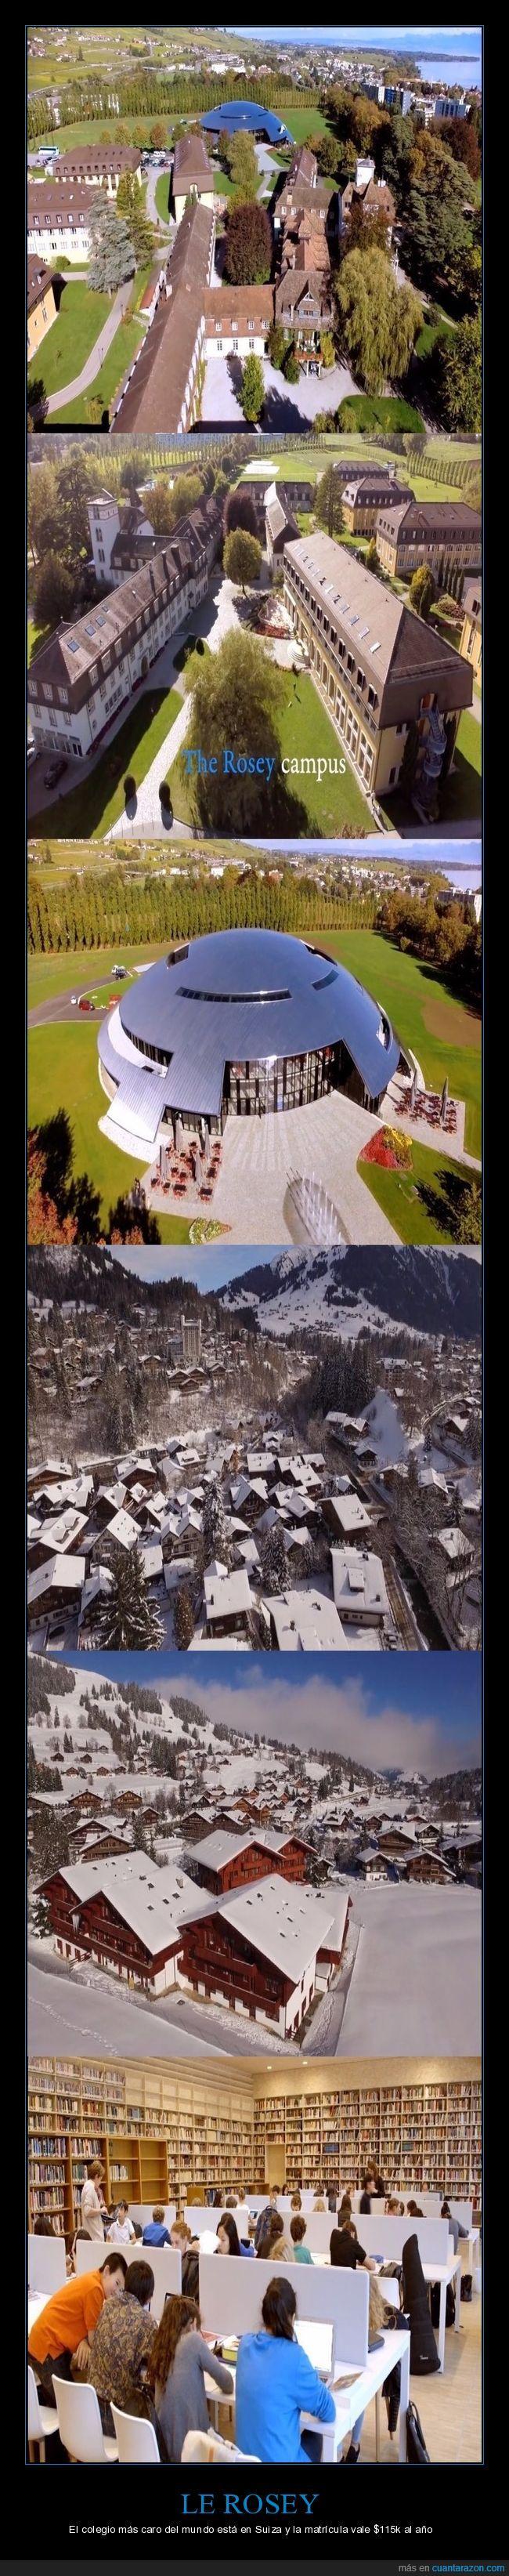 campus,le rosey,suiza,universidad